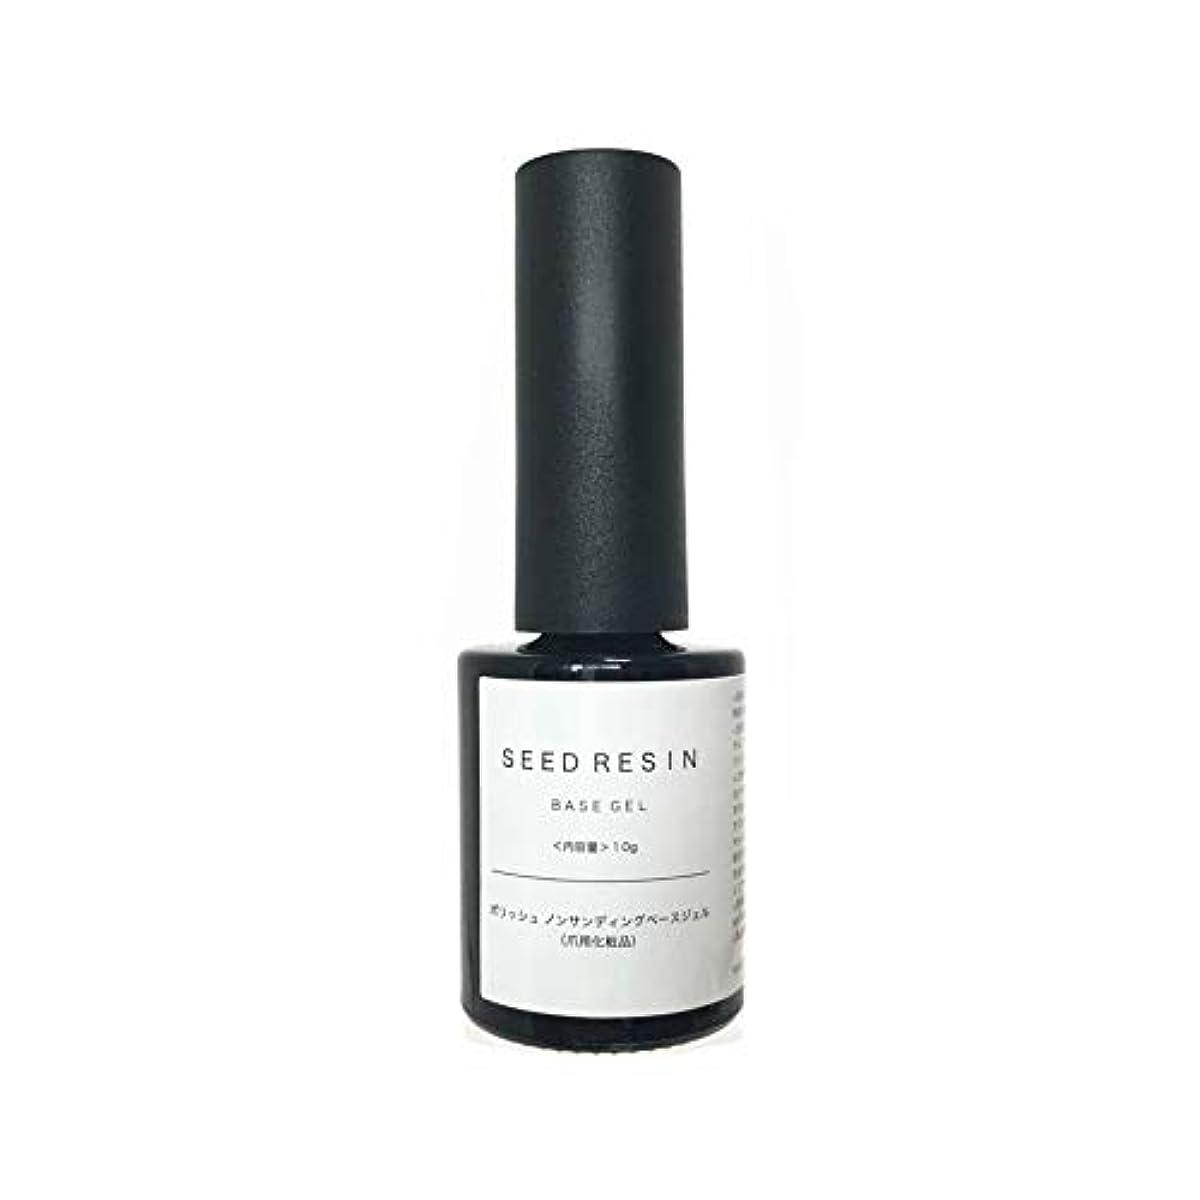 着実に粘性の足SEED RESIN(シードレジン) ジェルネイル ポリッシュ ノンサンディング ベースジェル 10g 爪用化粧品 日本製